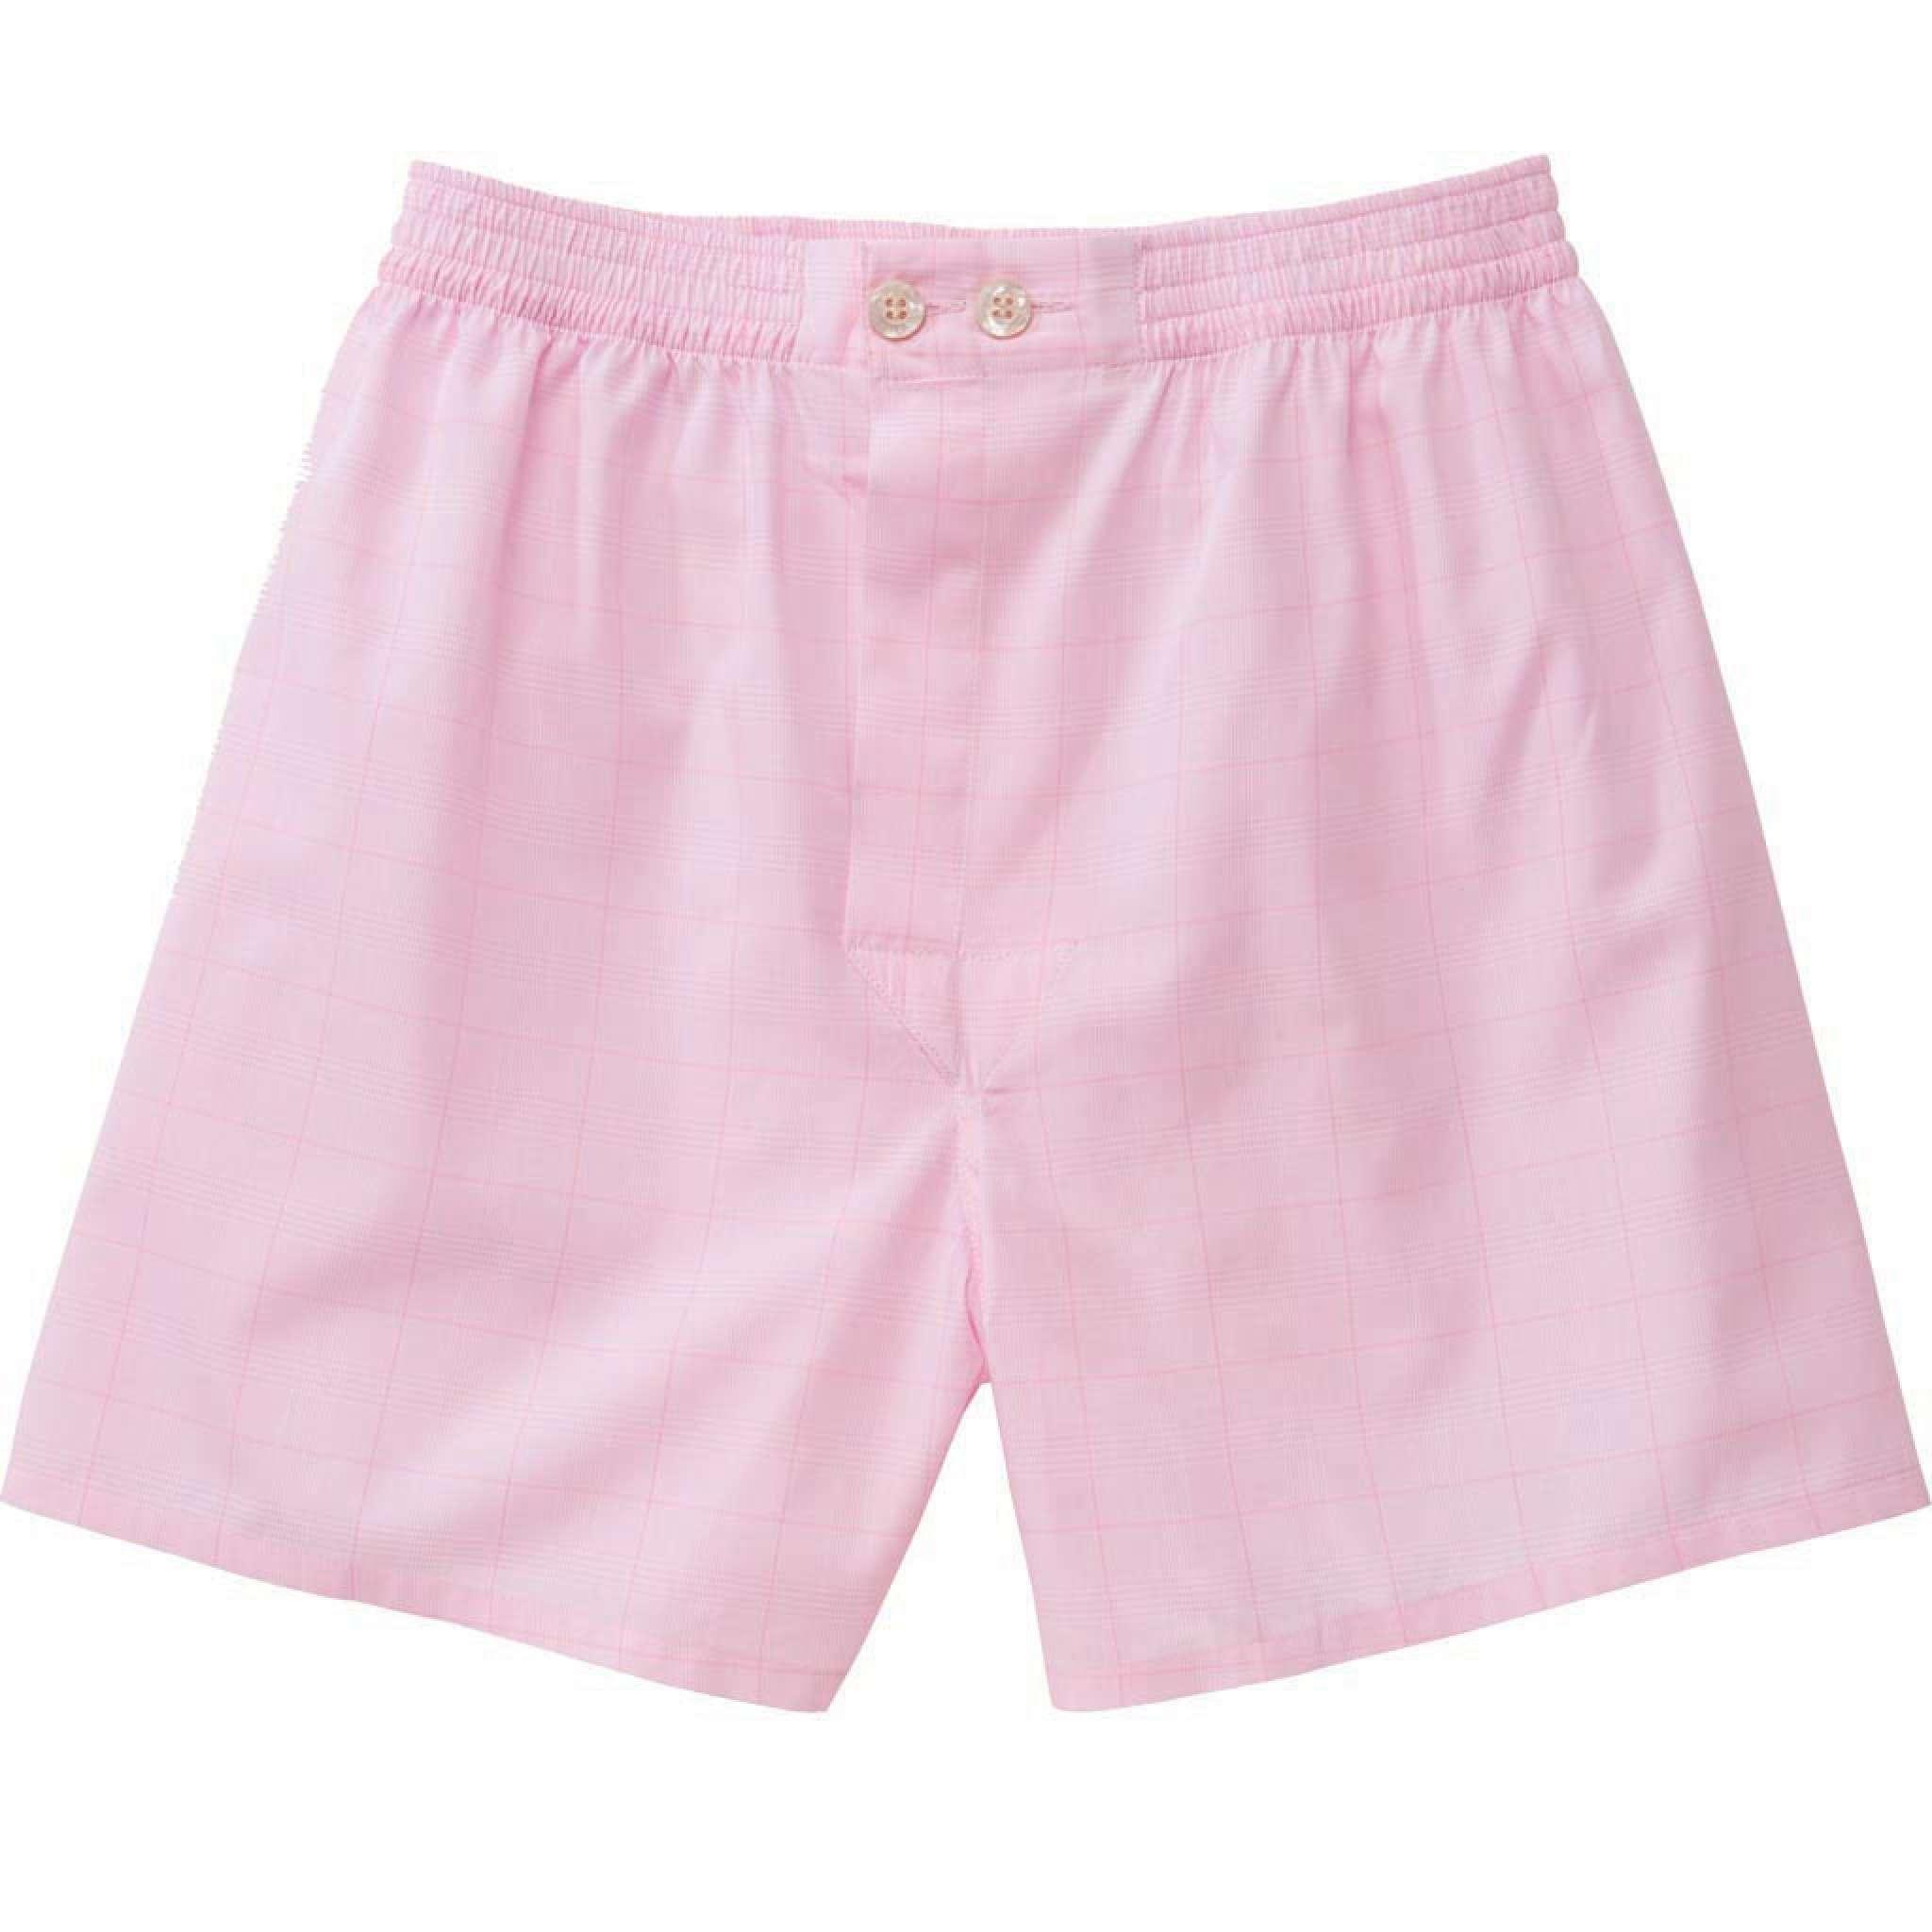 Sommer-Pyjama Shorts, Kinder